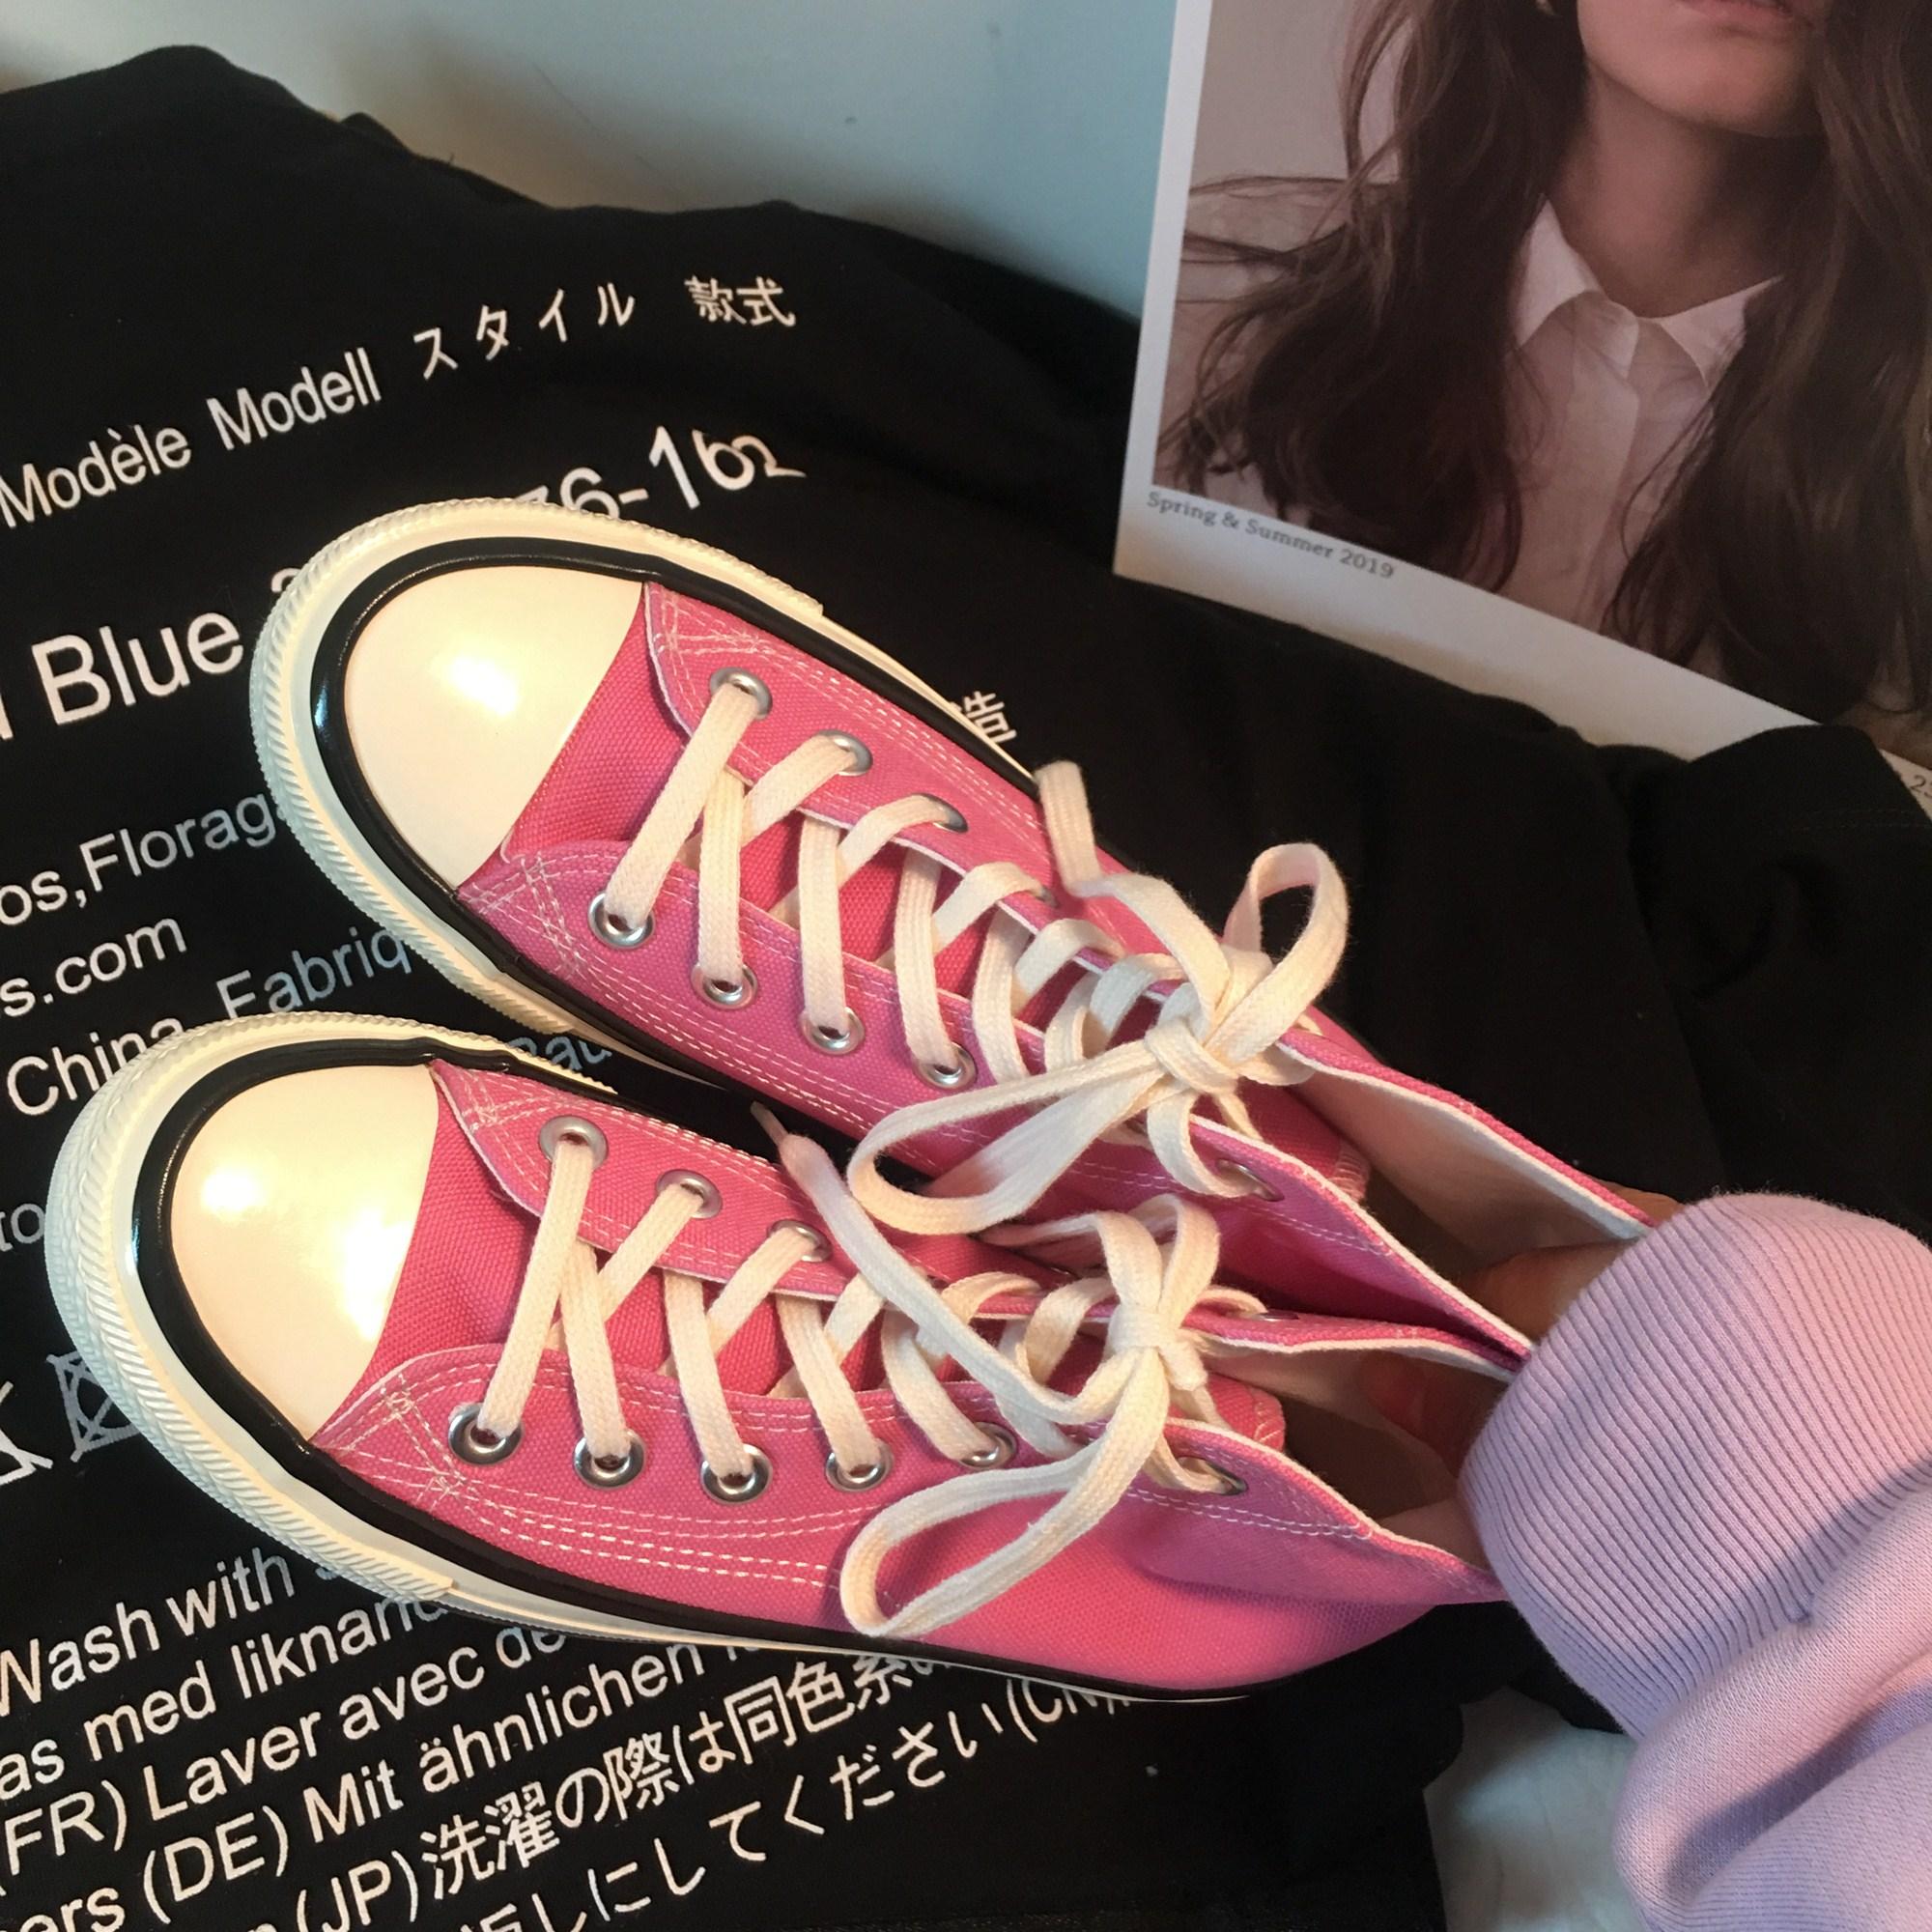 粉红色帆布鞋 江江欧巴2020新款1970s粉红色帆布鞋女复古港味韩版百搭ulzzang鞋_推荐淘宝好看的粉红色帆布鞋